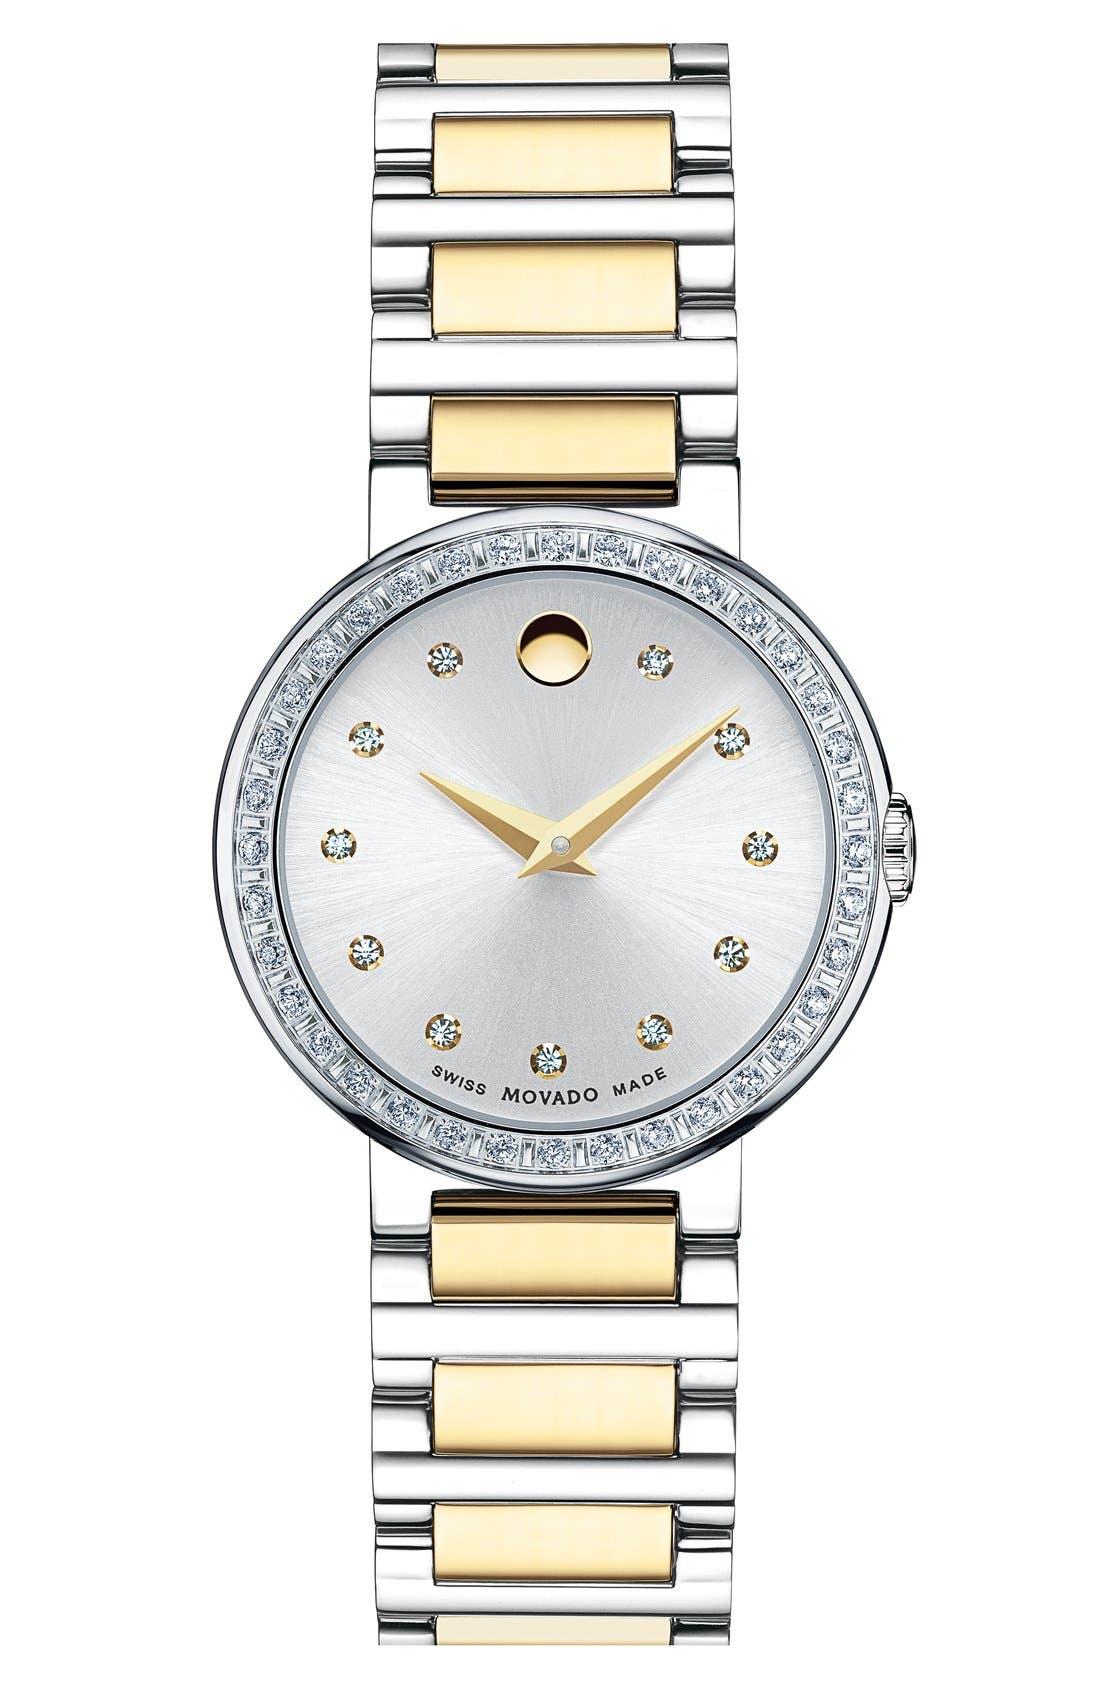 Main Image - Movado 'Concerto' Diamond Bezel Bracelet Watch, 27mm